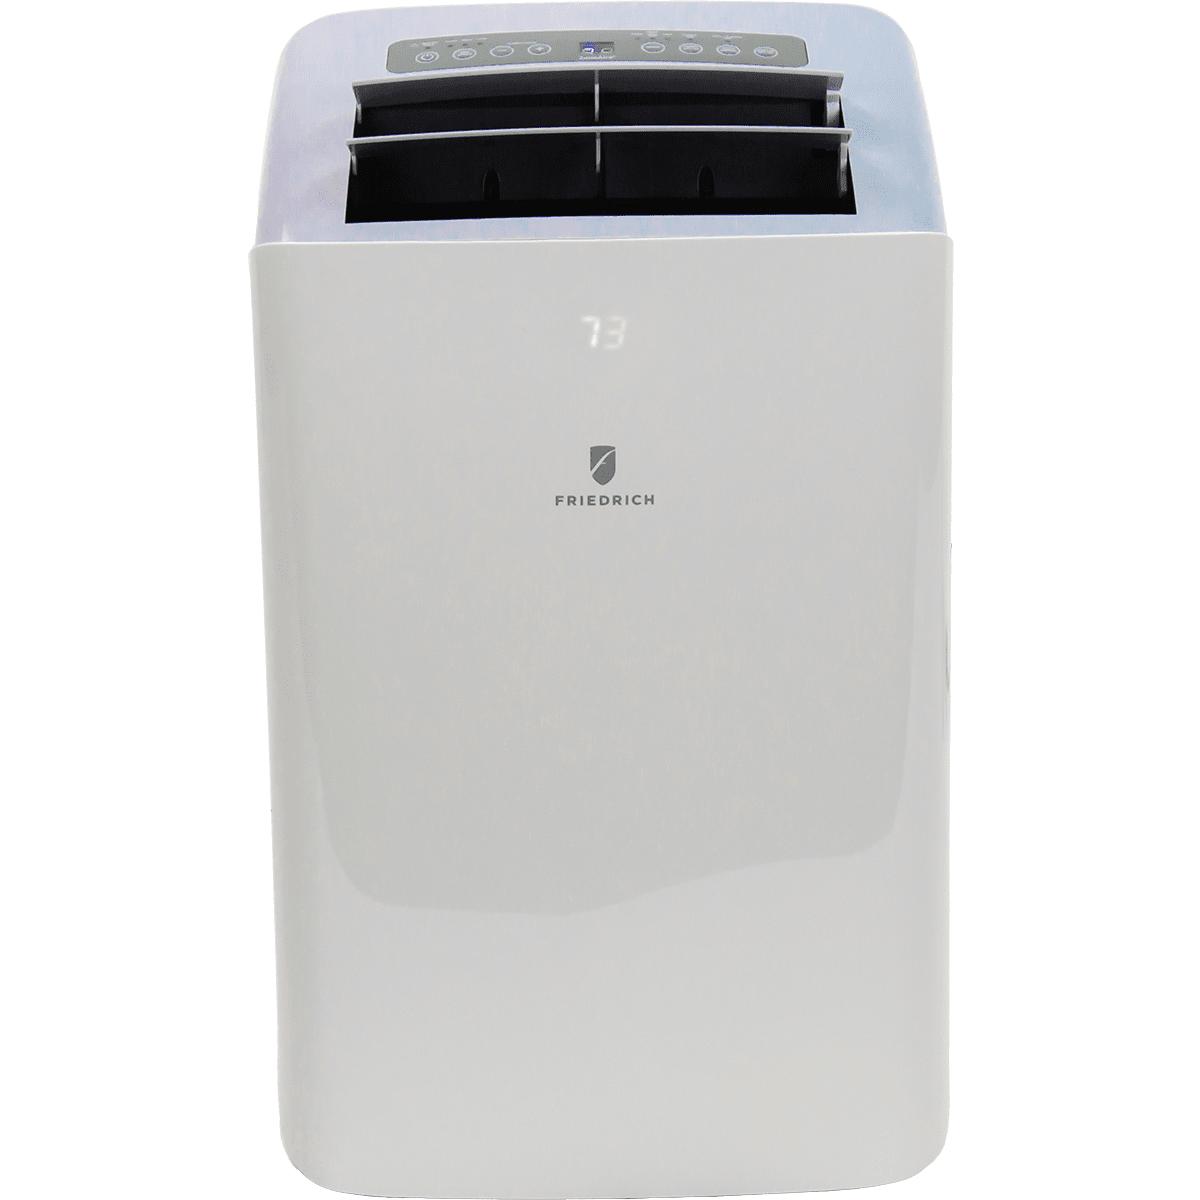 Friedrich 14,000 BTU Portable Air Conditioner with Heat Pump